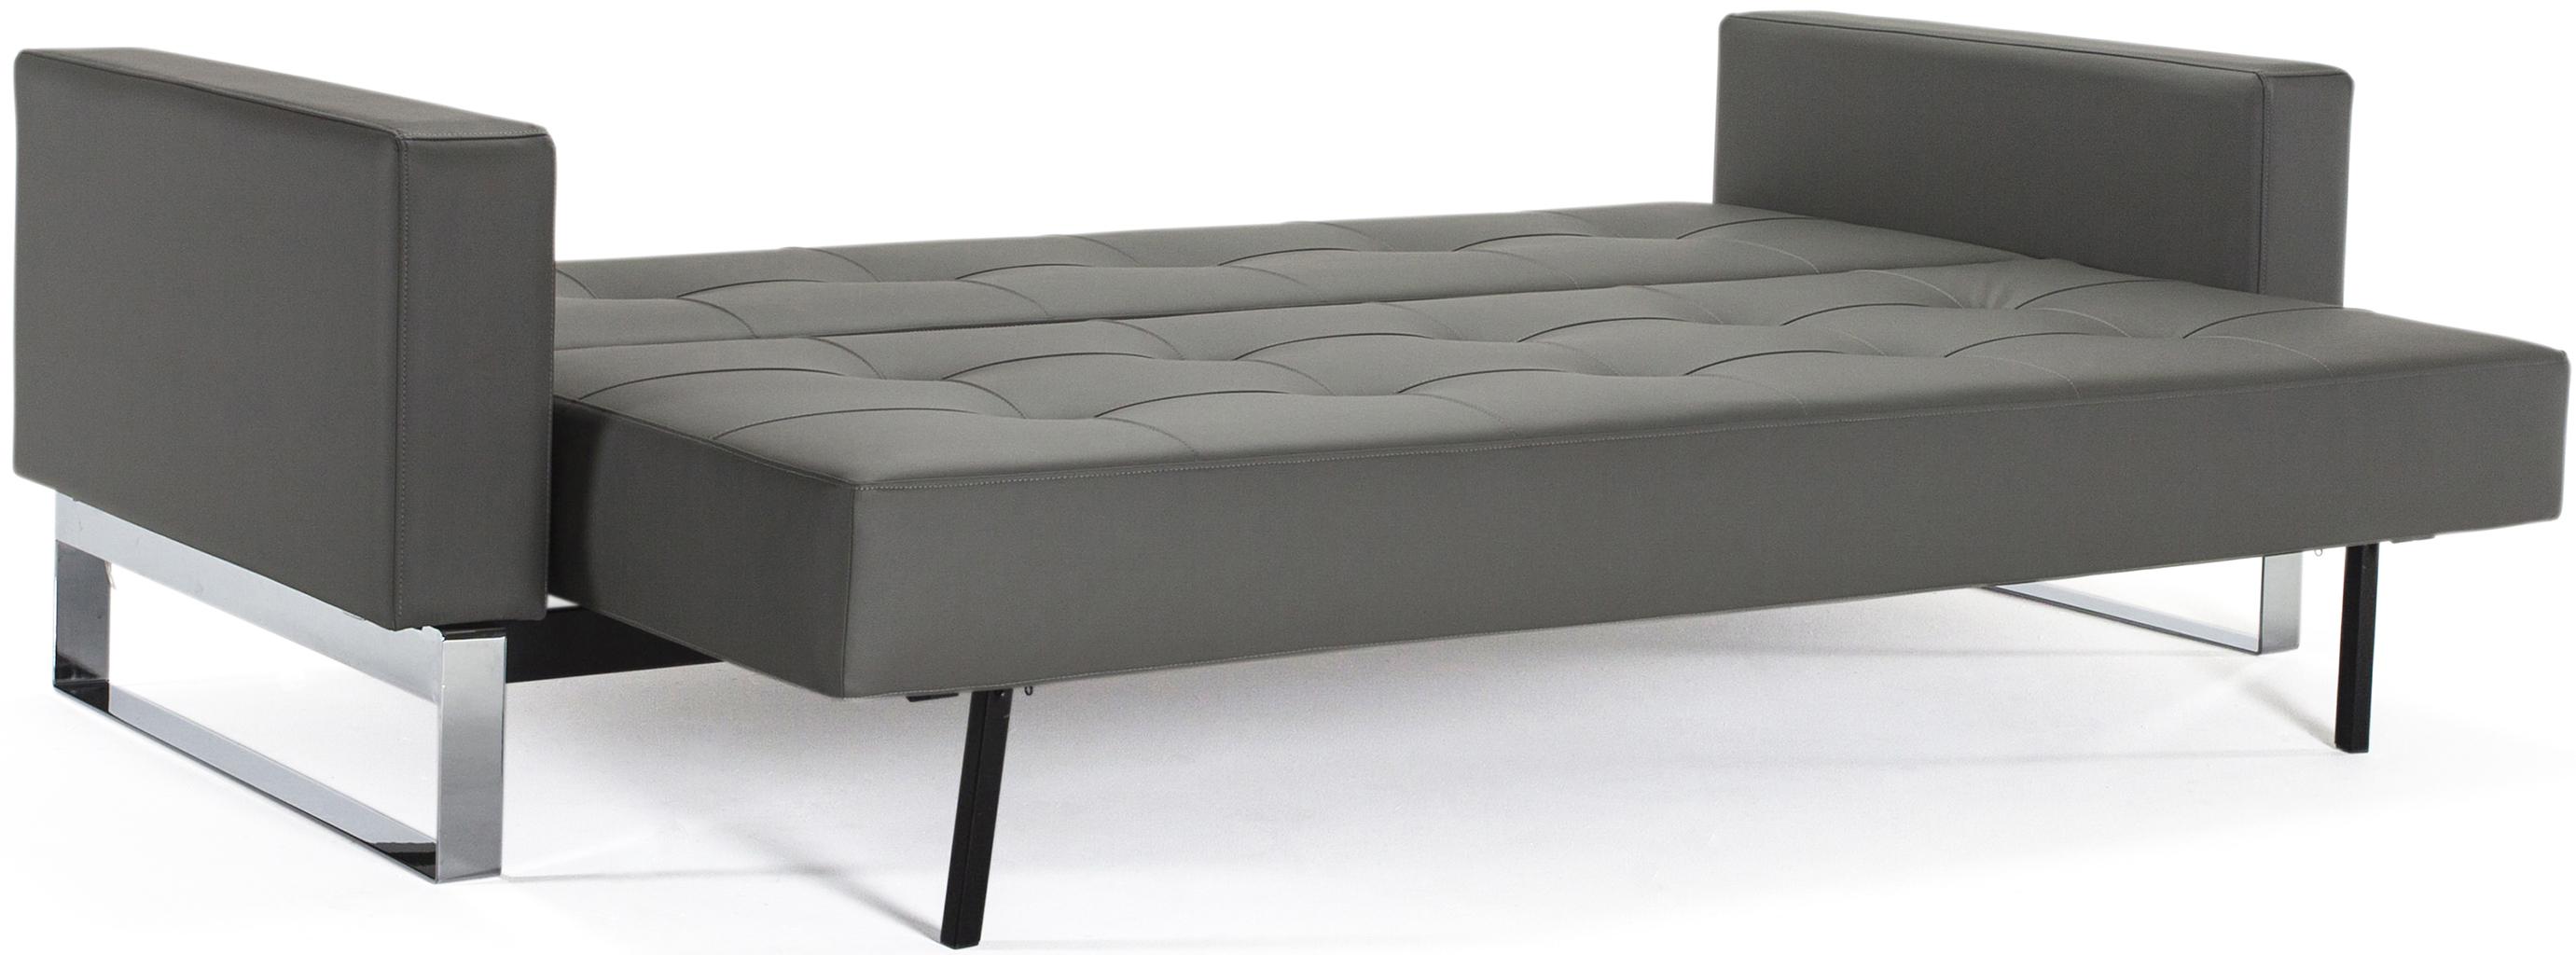 the nuevo cassius deluxe grey